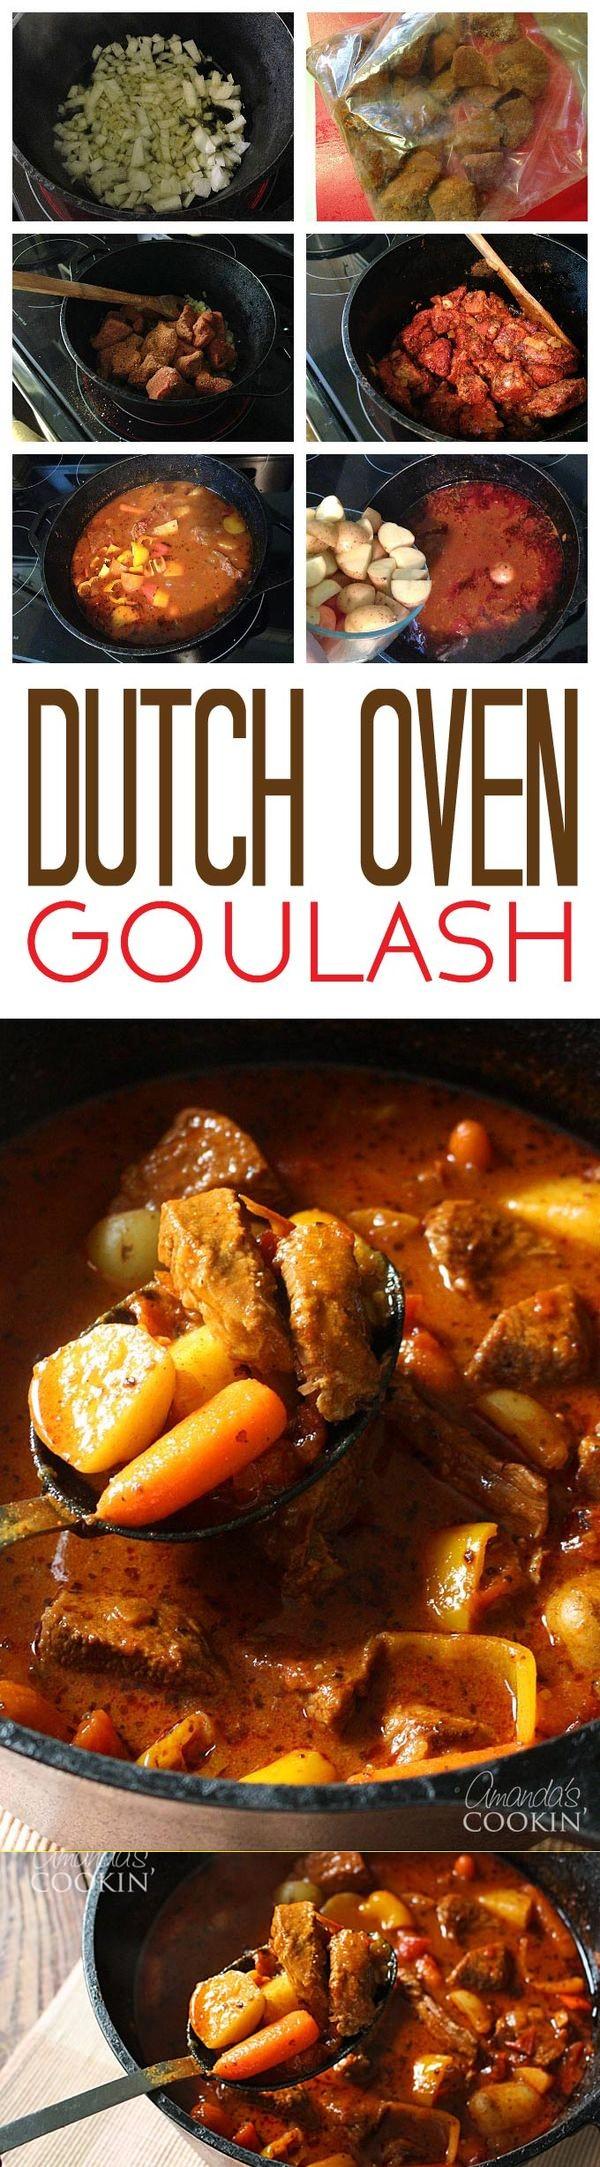 Dutch Oven Goulash